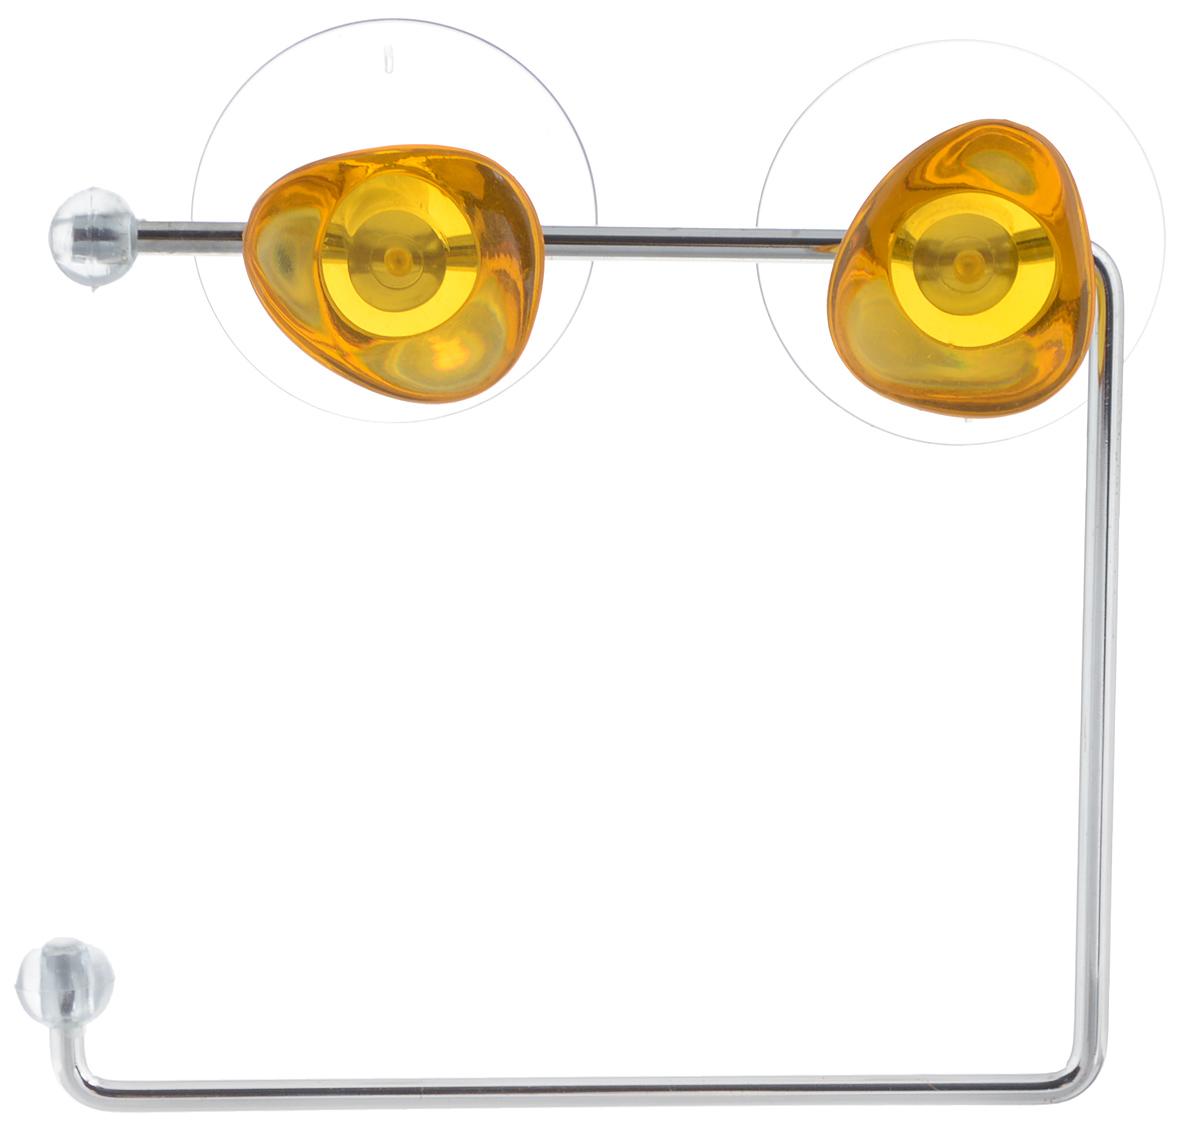 Держатель для туалетной бумаги Axentia Amica, на присосках, цвет: желтый, стальнойES-412Держатель для туалетной бумаги Axentia Amica изготовлен извысококачественной стали с хромированным покрытием,которое устойчиво квлажности и перепадам температуры.Держатель поможет оформить интерьер в выбранном стиле,разбавляяпространство туалетной комнаты различными элементами.Он хорошо впишется влюбой интерьер, придавая ему черты современности.Для большего удобства изделие крепится к поверхностям спомощью двухприсосок из поливинилхлорида (входят в комплект), что даетвозможность принеобходимости менять их месторасположение.Размер держателя: 14,5 х 12,5 х 4,5 см.Диаметр присоски: 5,5 см.